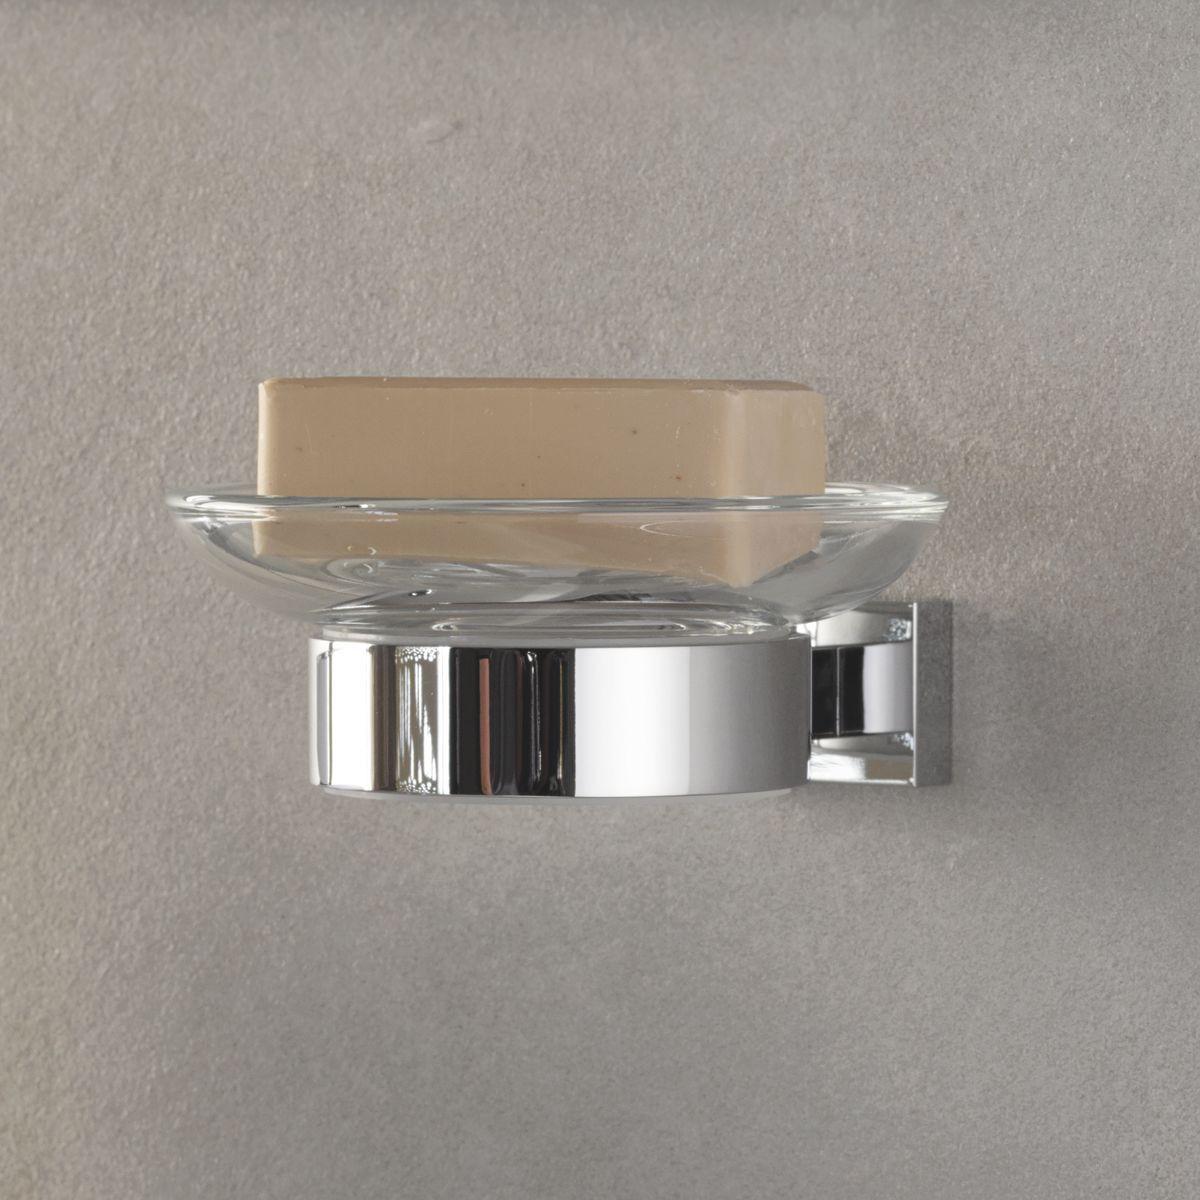 Подстаканник для ванной Grohe Essentials Cube, 40508001, серебристый цена